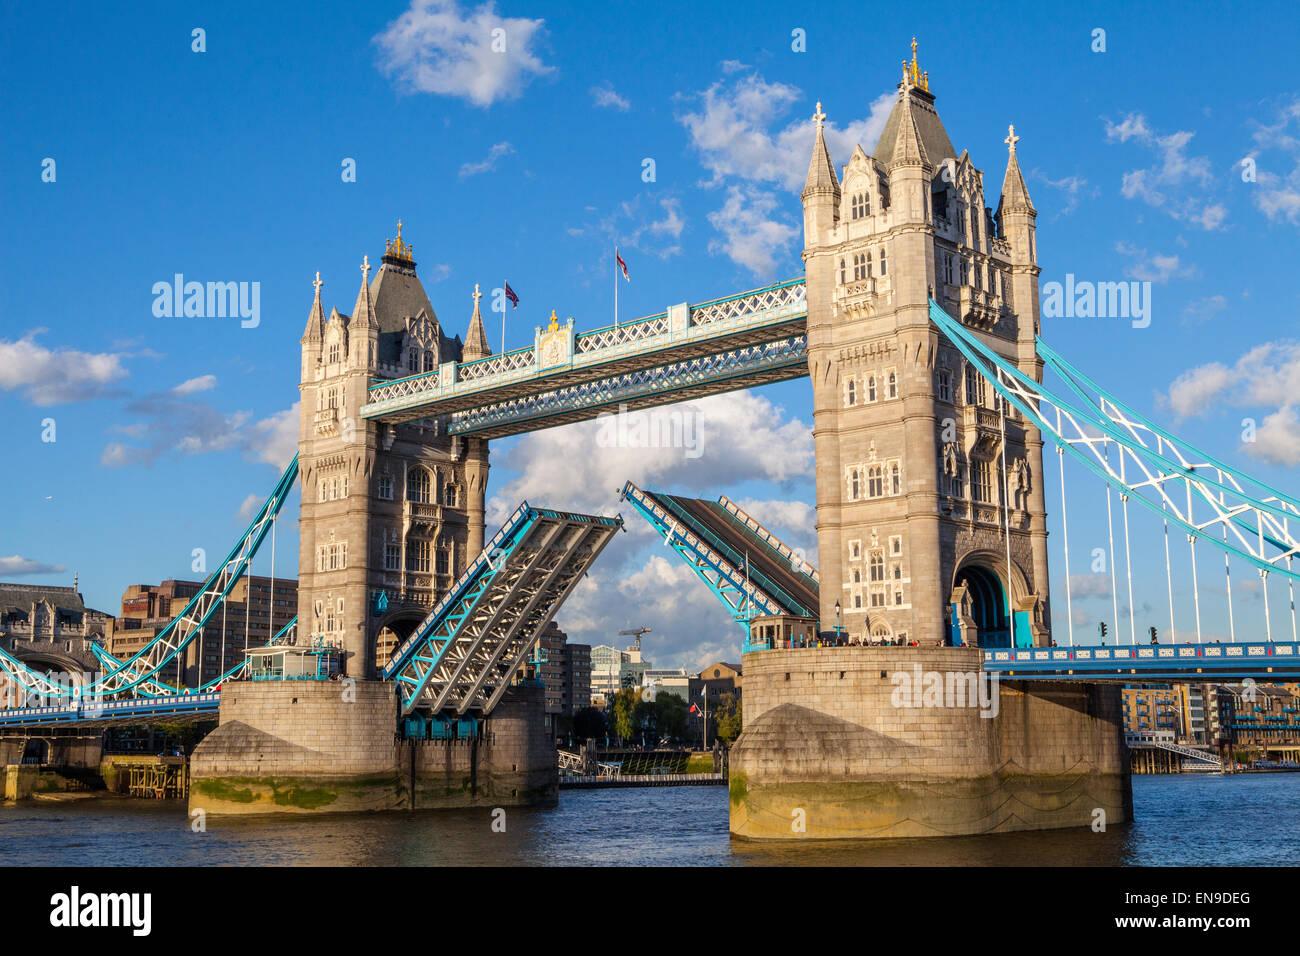 Il Tower Bridge 'aperto' sul Fiume Tamigi a Londra. Immagini Stock